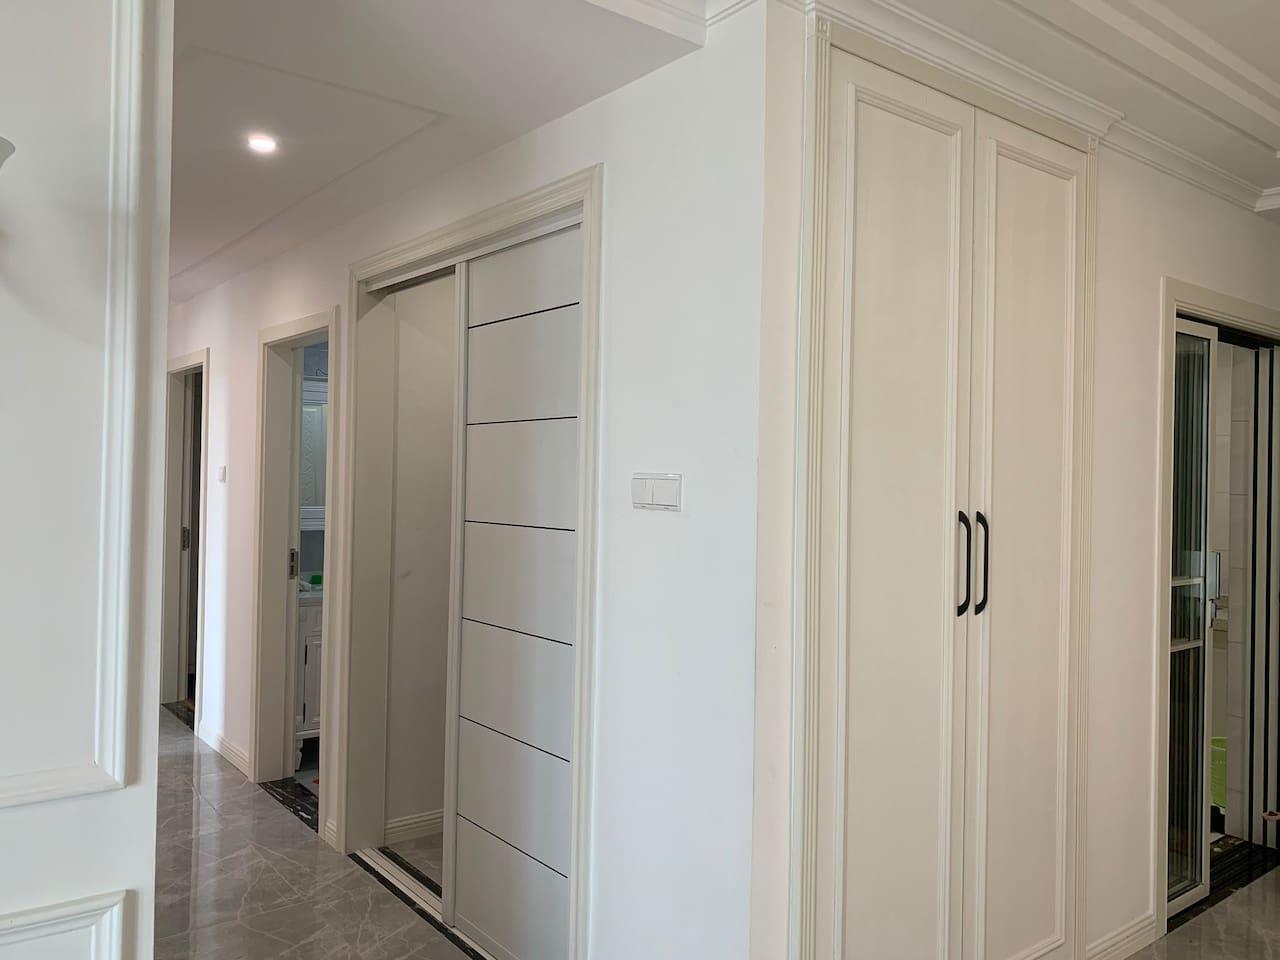 除2个卧室外,还有衣帽间和挂衣柜,方便您出行时整理衣物。